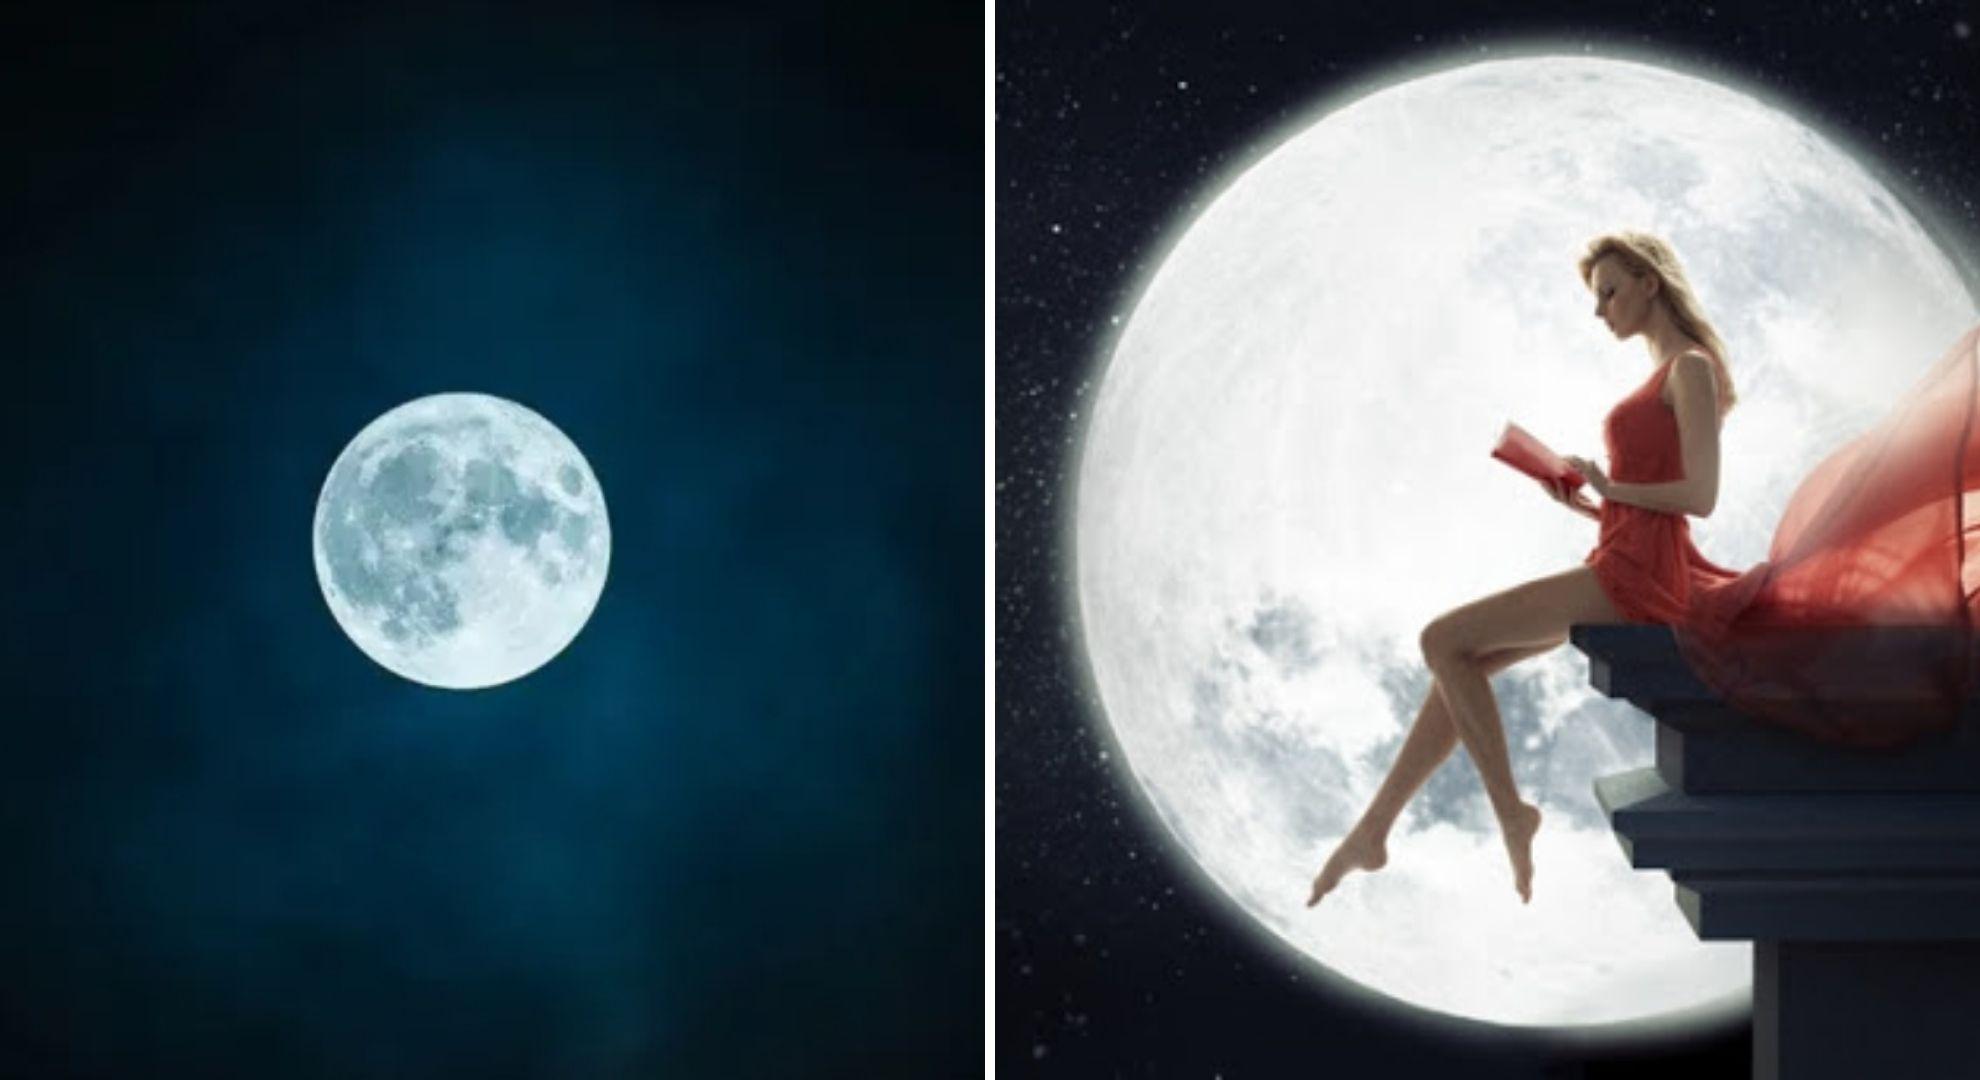 Când are loc prima lună plină din noiembrie. În ce dată și la ce oră trebuie să privim cerul ca s-o vedem în toată splendoarea